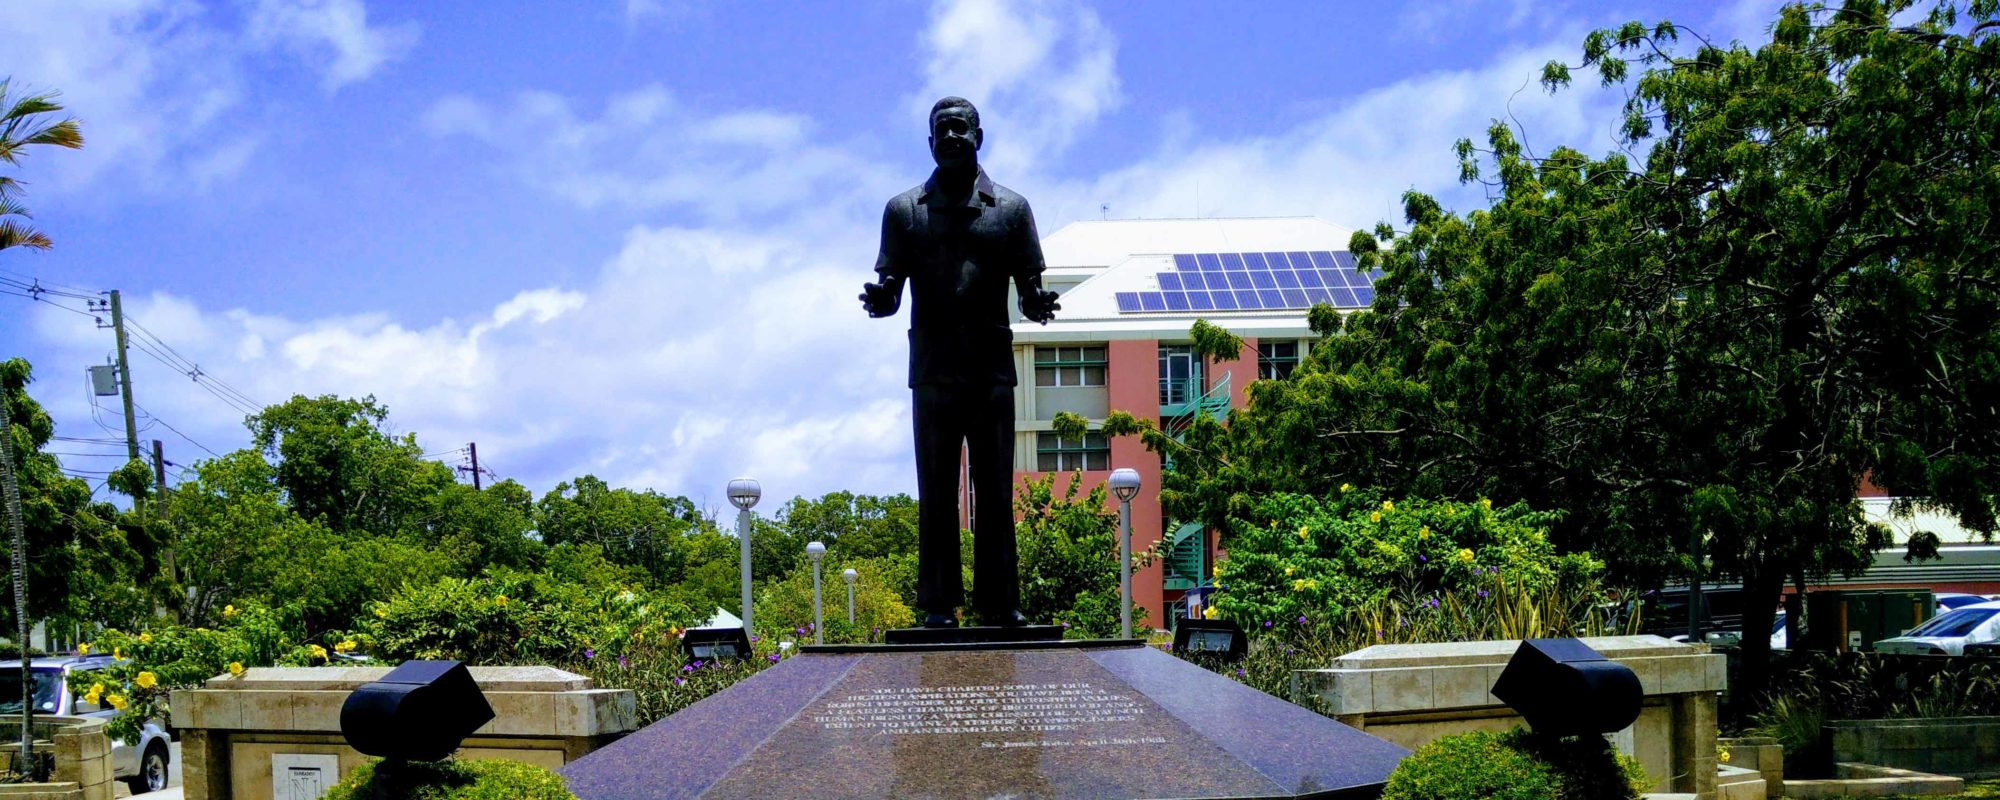 iREP246.com – Barbados Photo Blog – Discovering Barbados Beauty